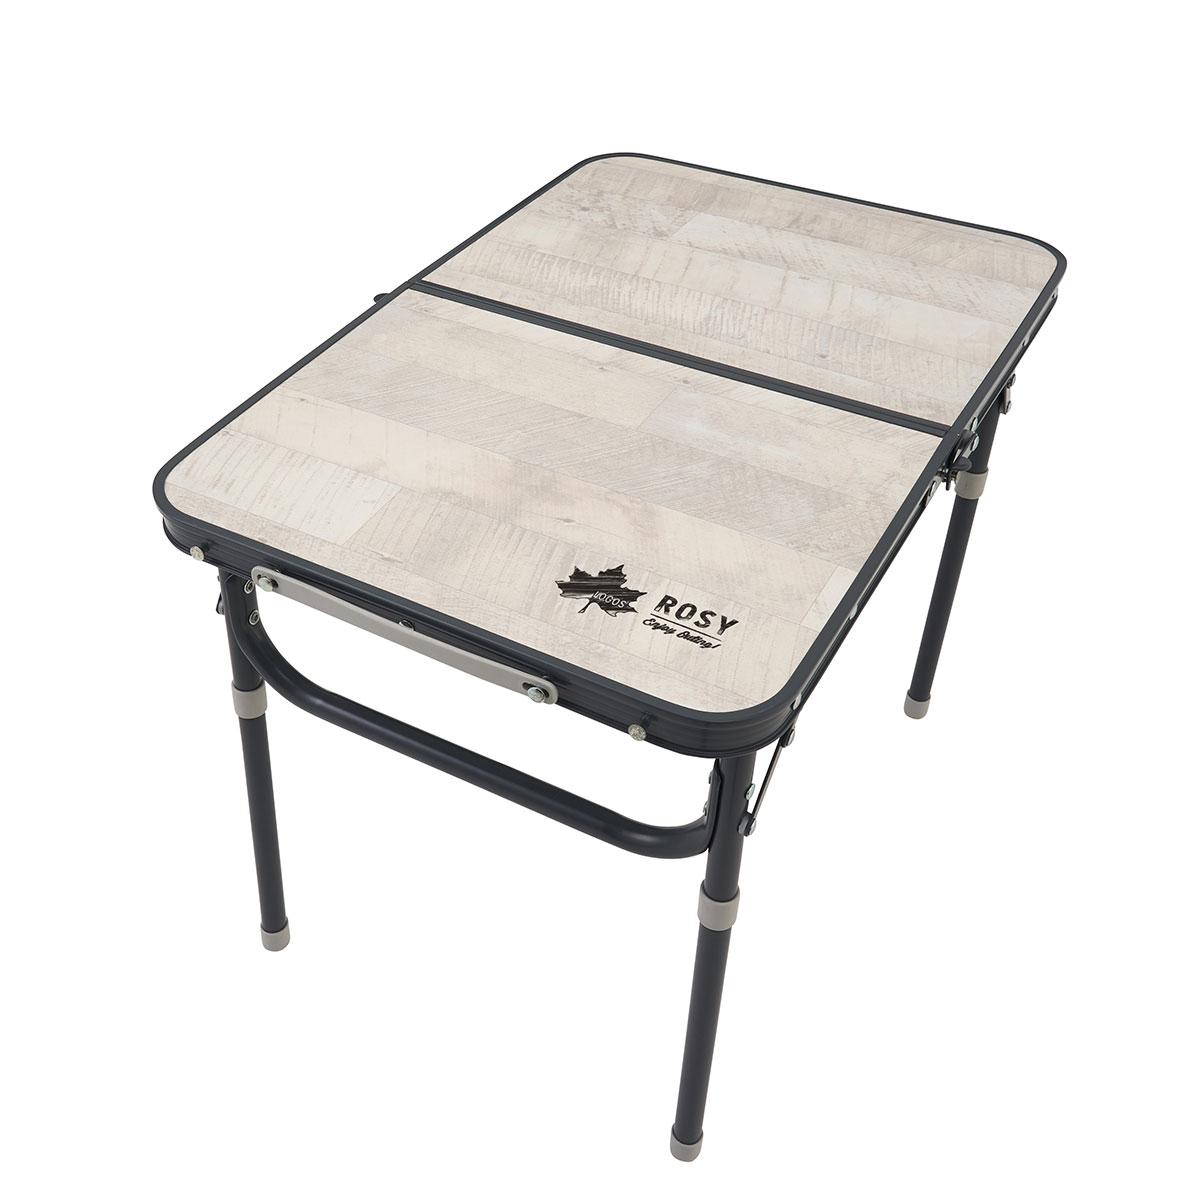 ROSY ファミリーテーブル 6040